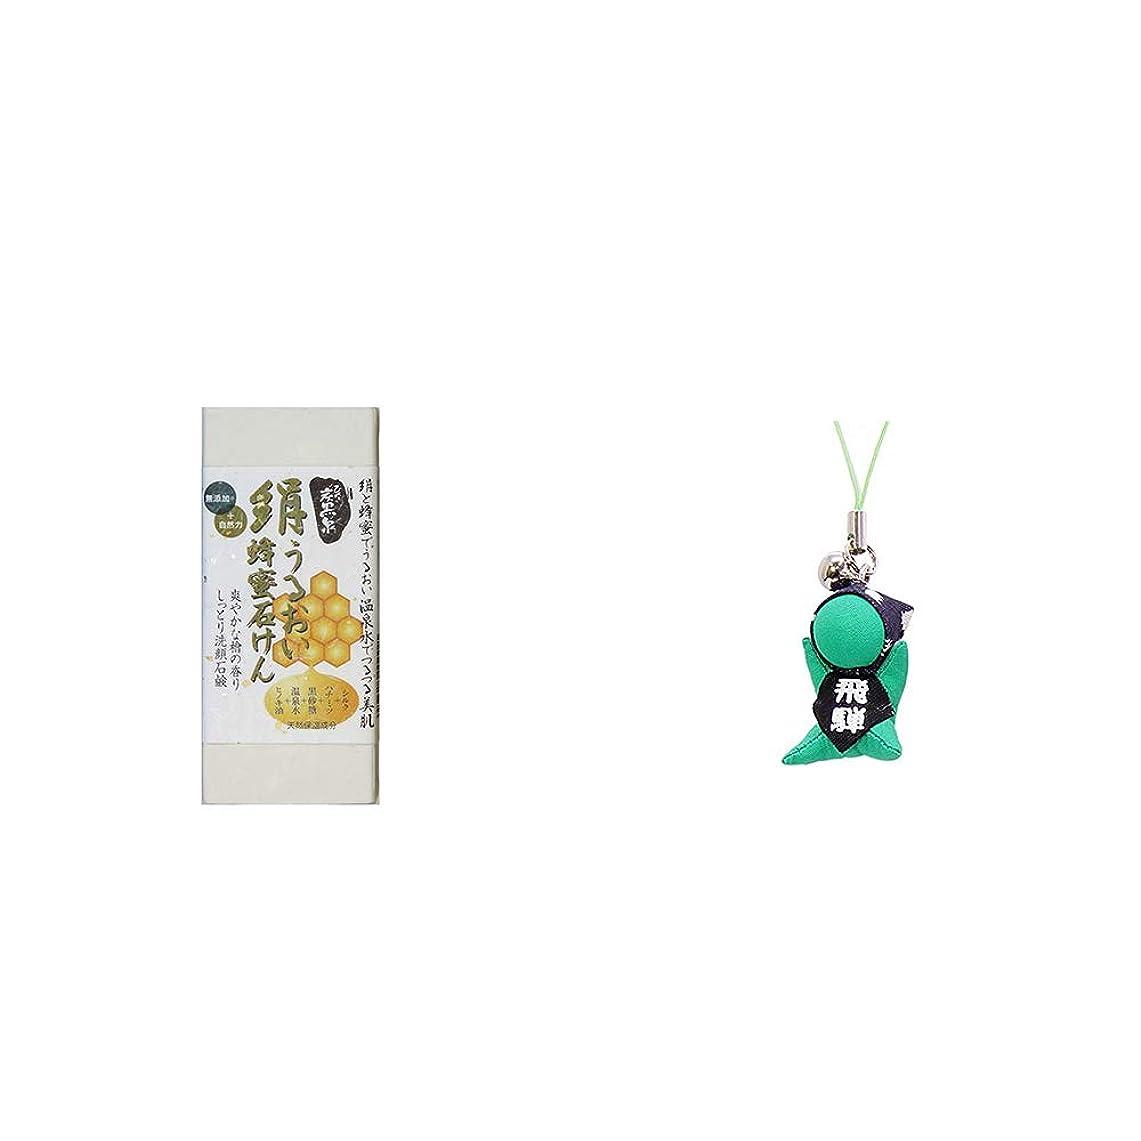 役職誤解する合体[2点セット] ひのき炭黒泉 絹うるおい蜂蜜石けん(75g×2)?さるぼぼ幸福ストラップ 【オレンジ】 / 風水カラー全9種類 妊娠(子宝) お守り//